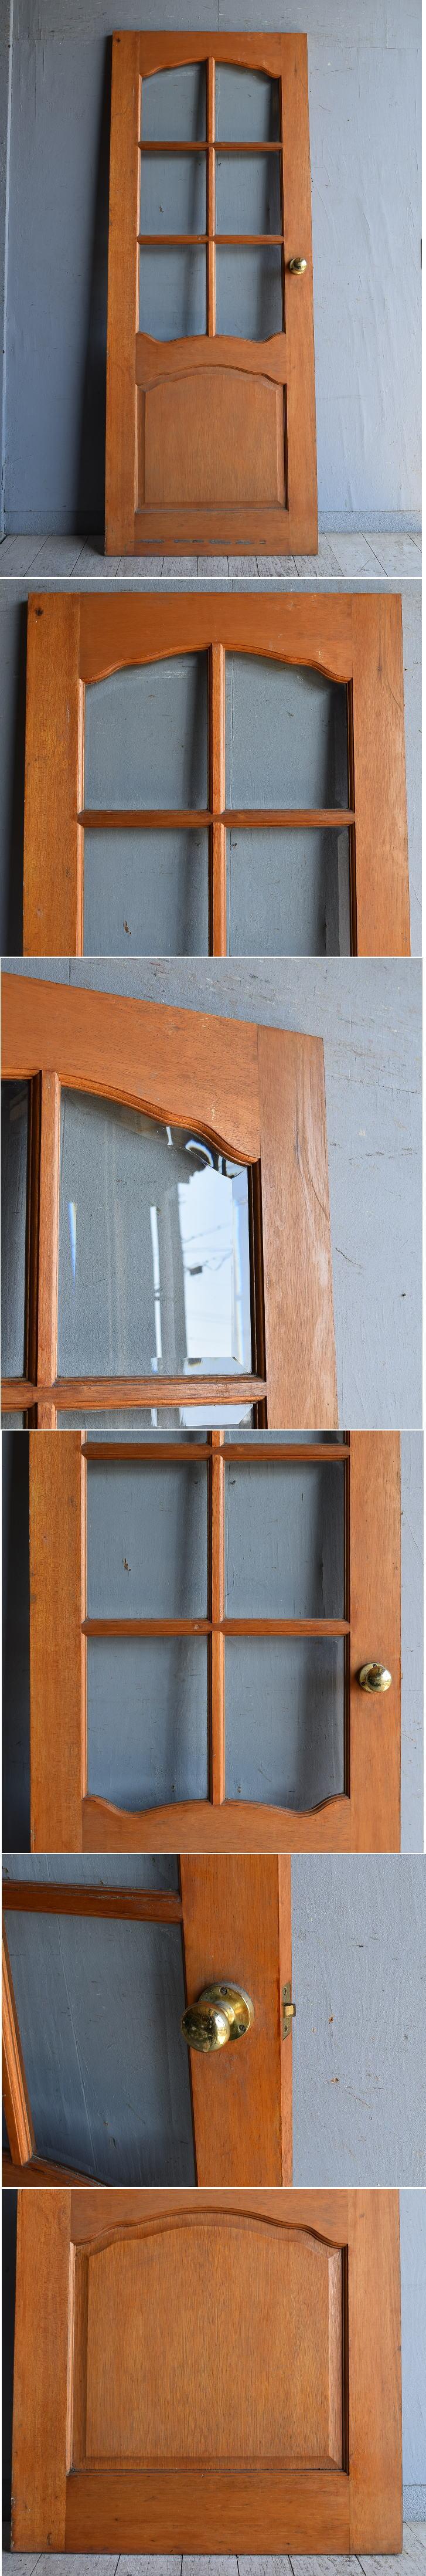 イギリス アンティーク ガラス入りドア 扉 建具 8874